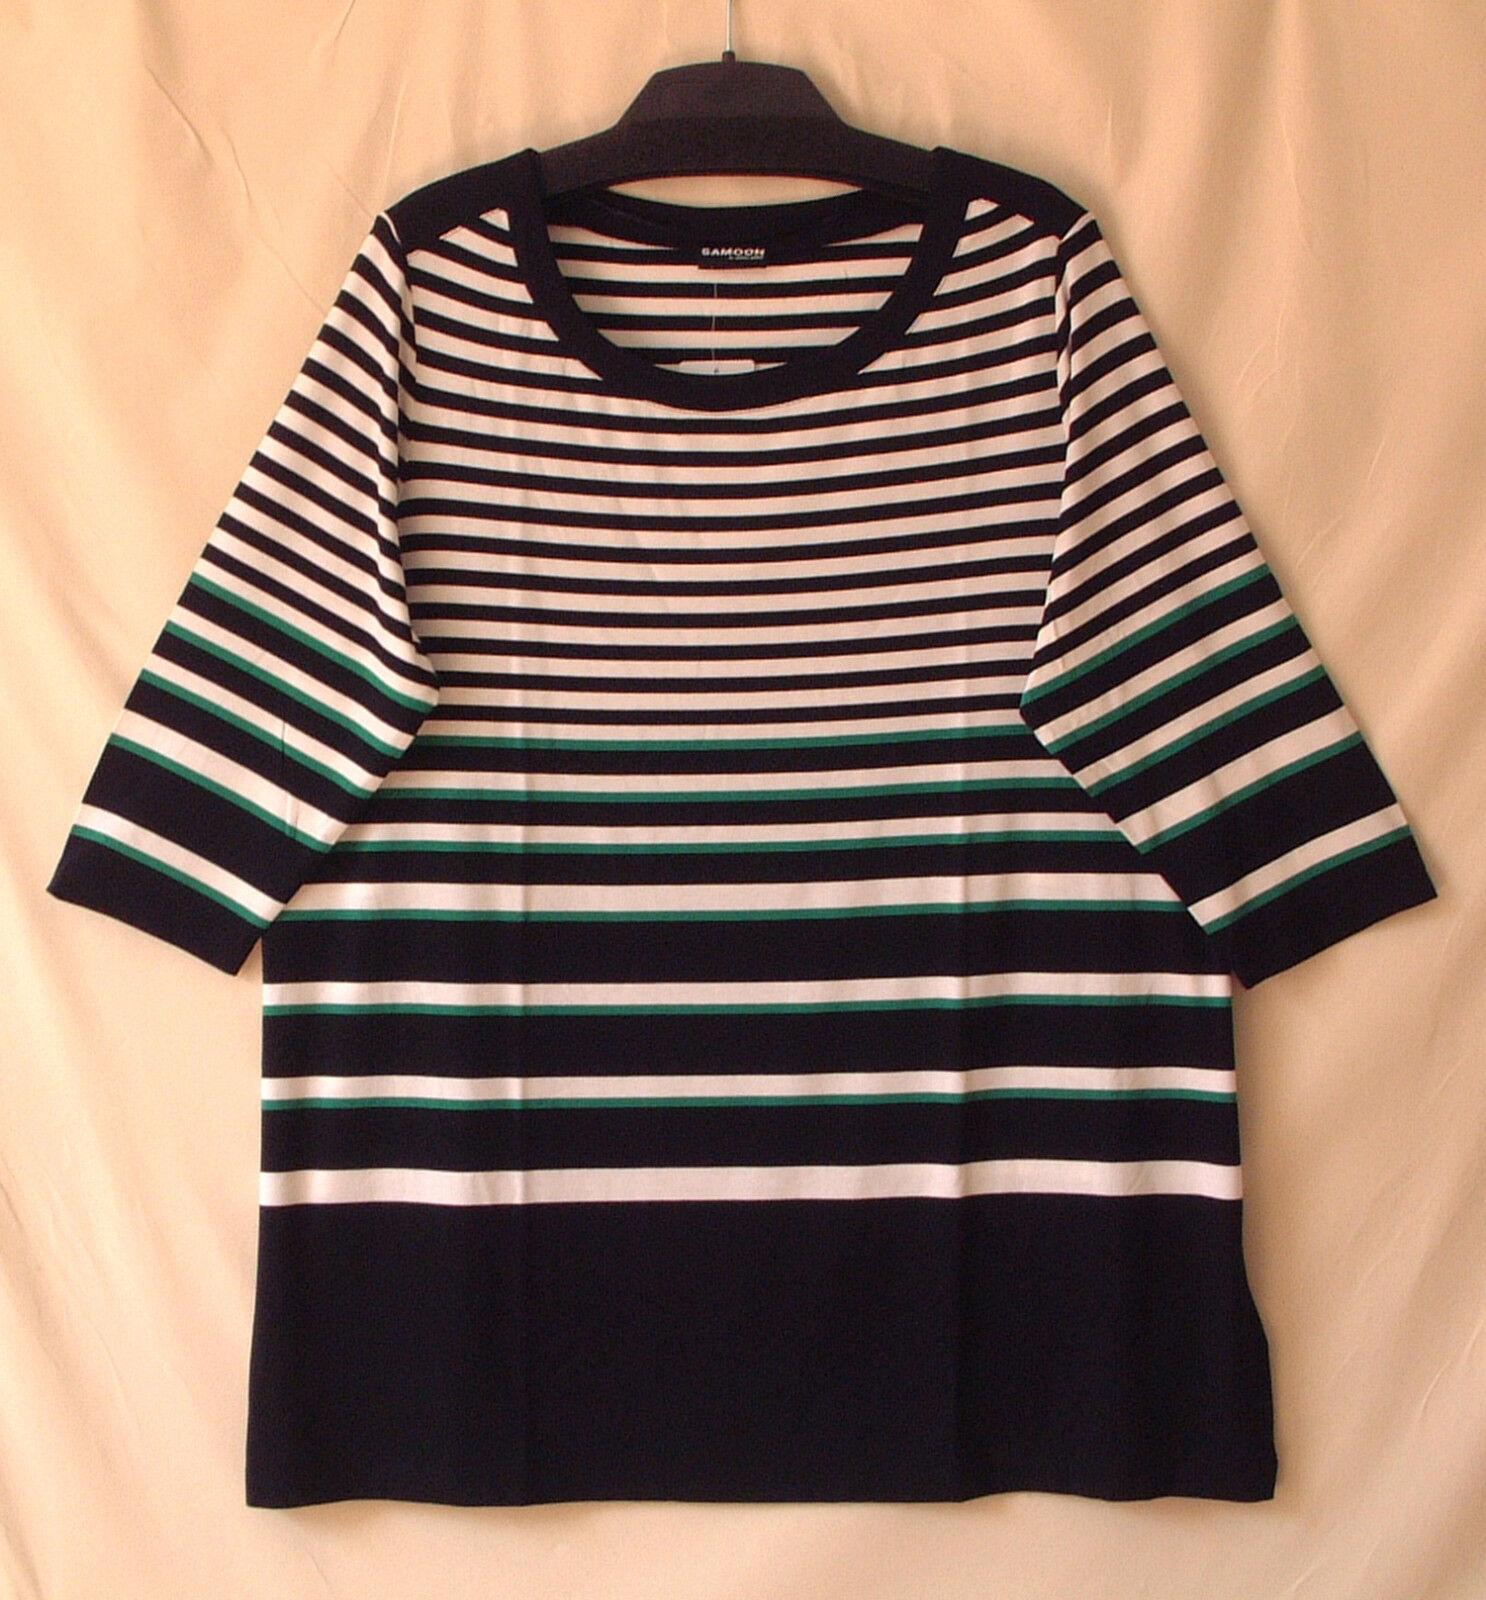 Samoon Shirt by Gerry Weber Weber Weber 3 4Arm Rundhals Longstyle Neu Stretch Damen Gr.50 | Komfort  | Praktisch Und Wirtschaftlich  | Moderne Technologie  96209e